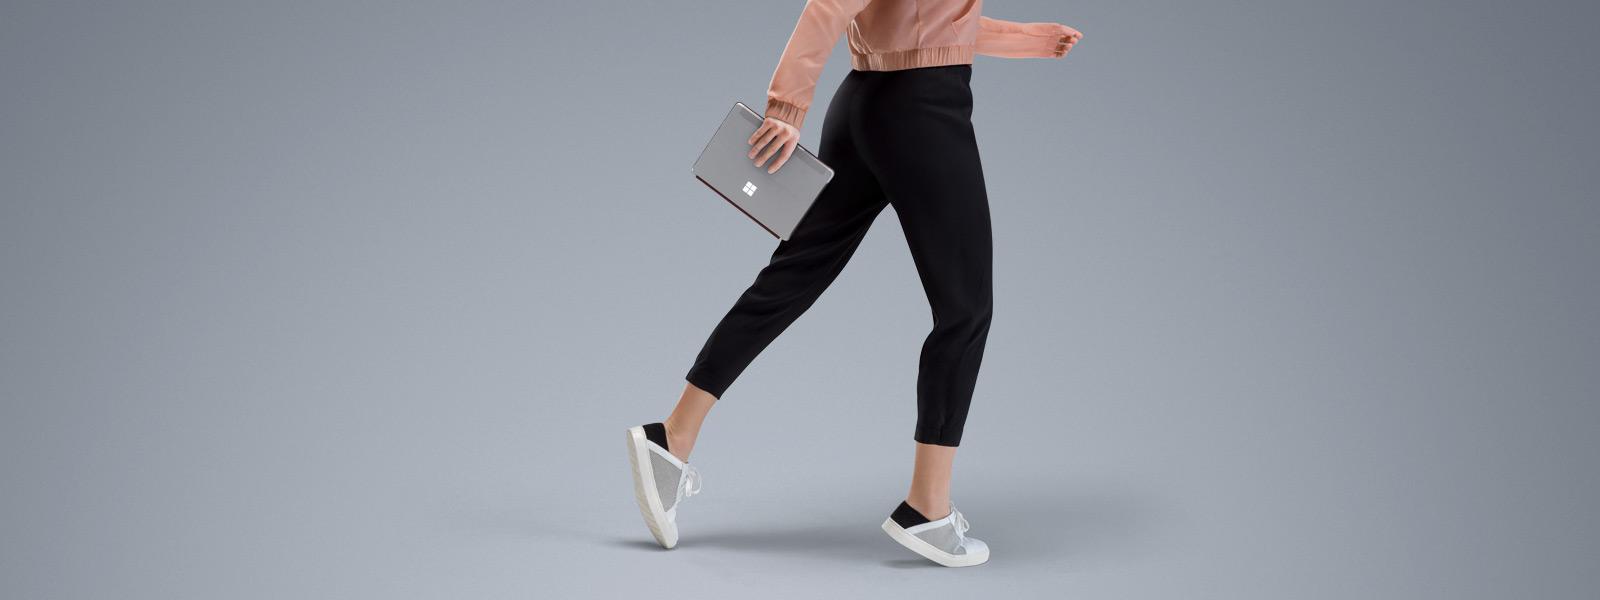 جهاز Surface Go تحمله فتاة أثناء المشي